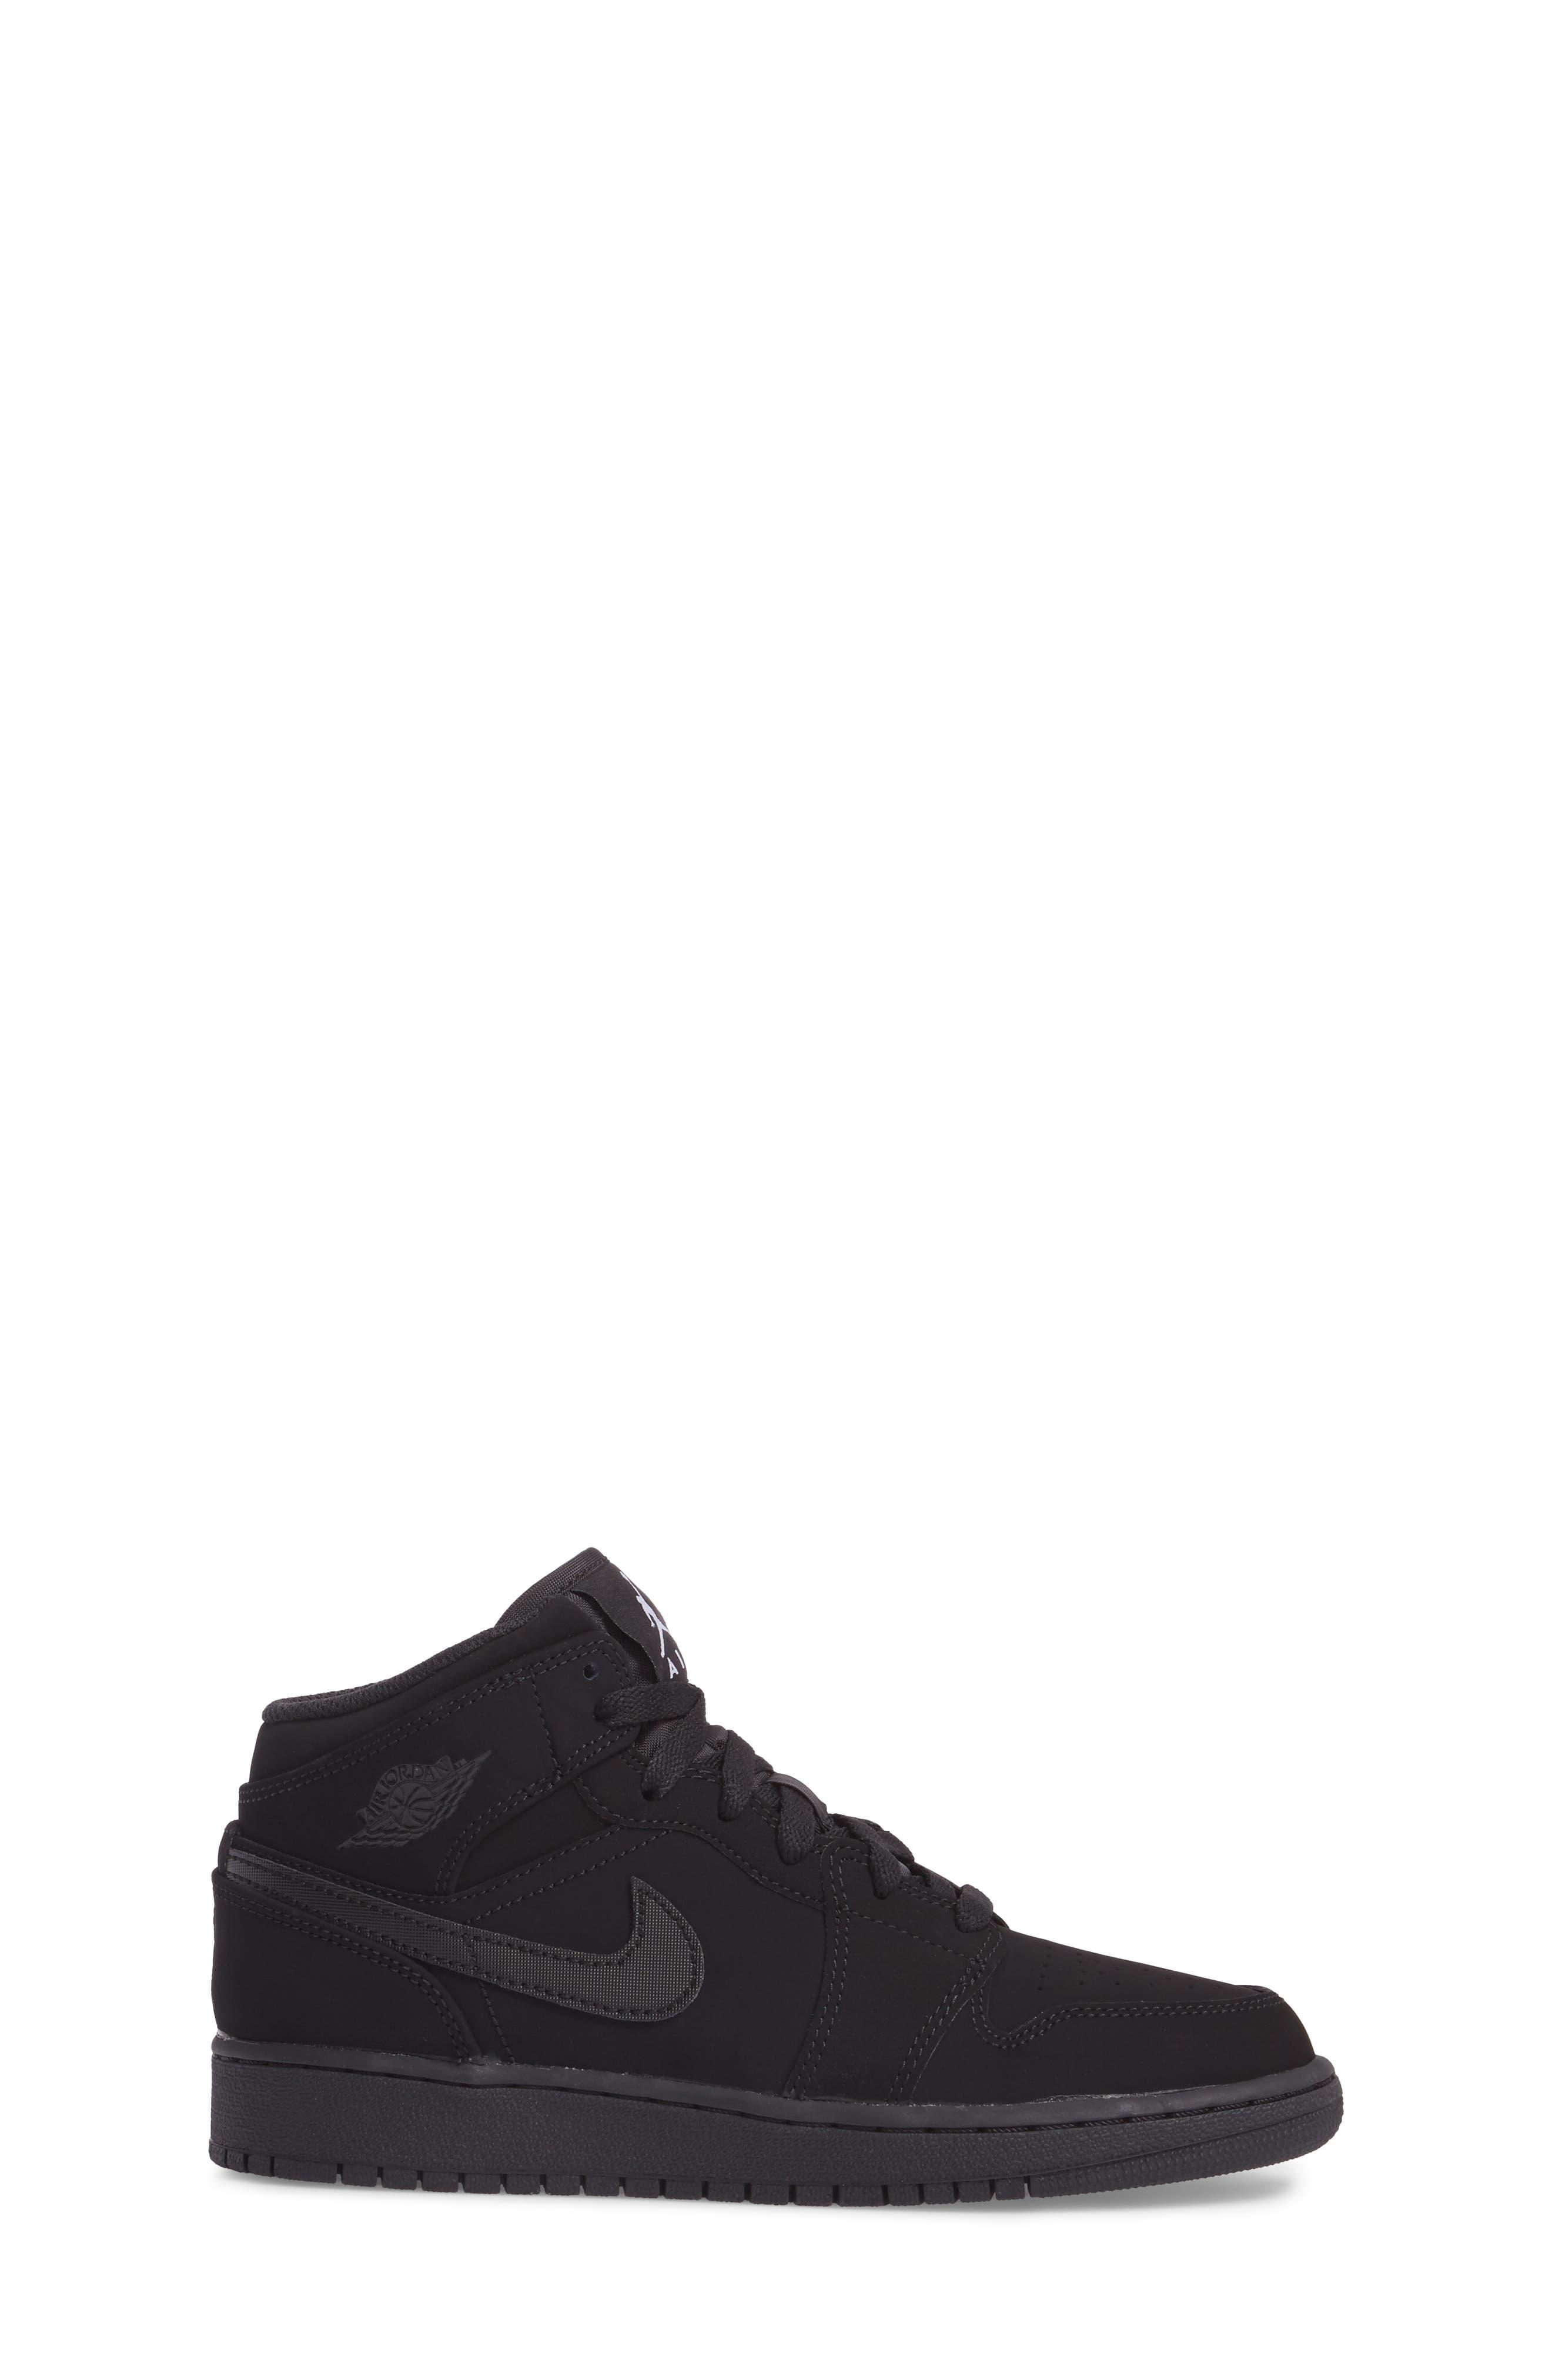 Nike 'Air Jordan 1 Mid' Sneaker,                             Alternate thumbnail 3, color,                             Black